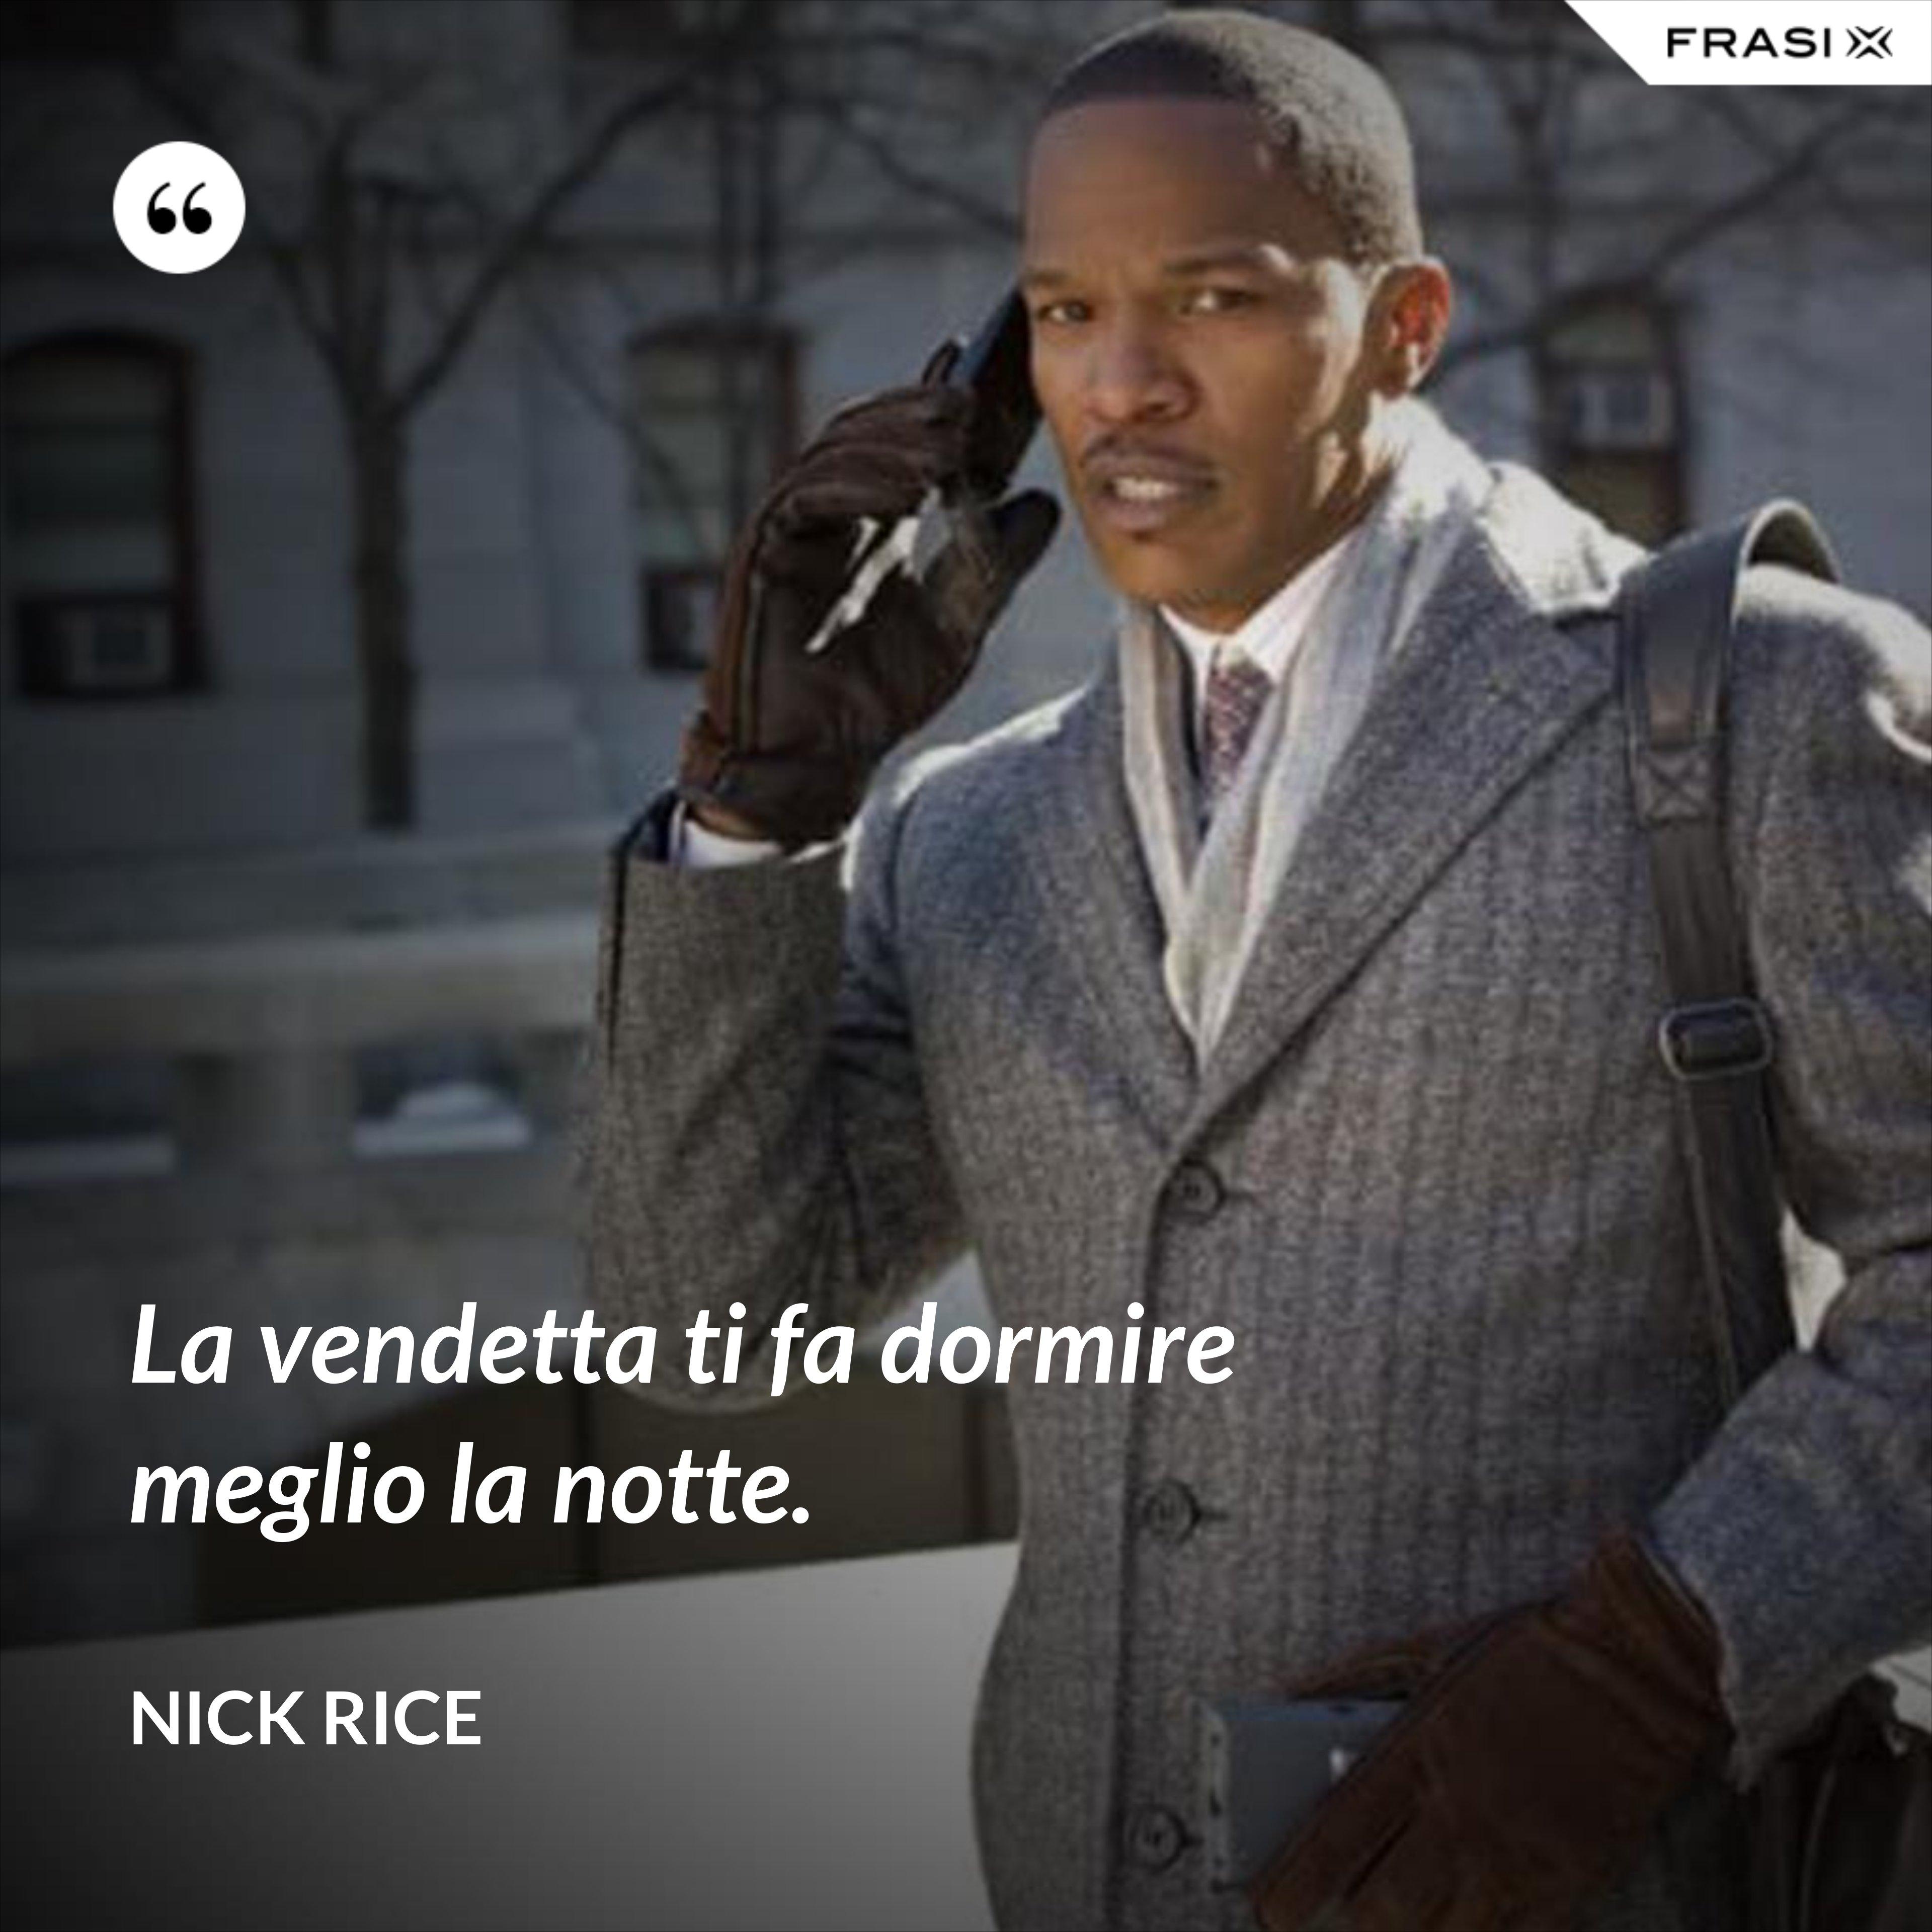 La vendetta ti fa dormire meglio la notte. - Nick Rice